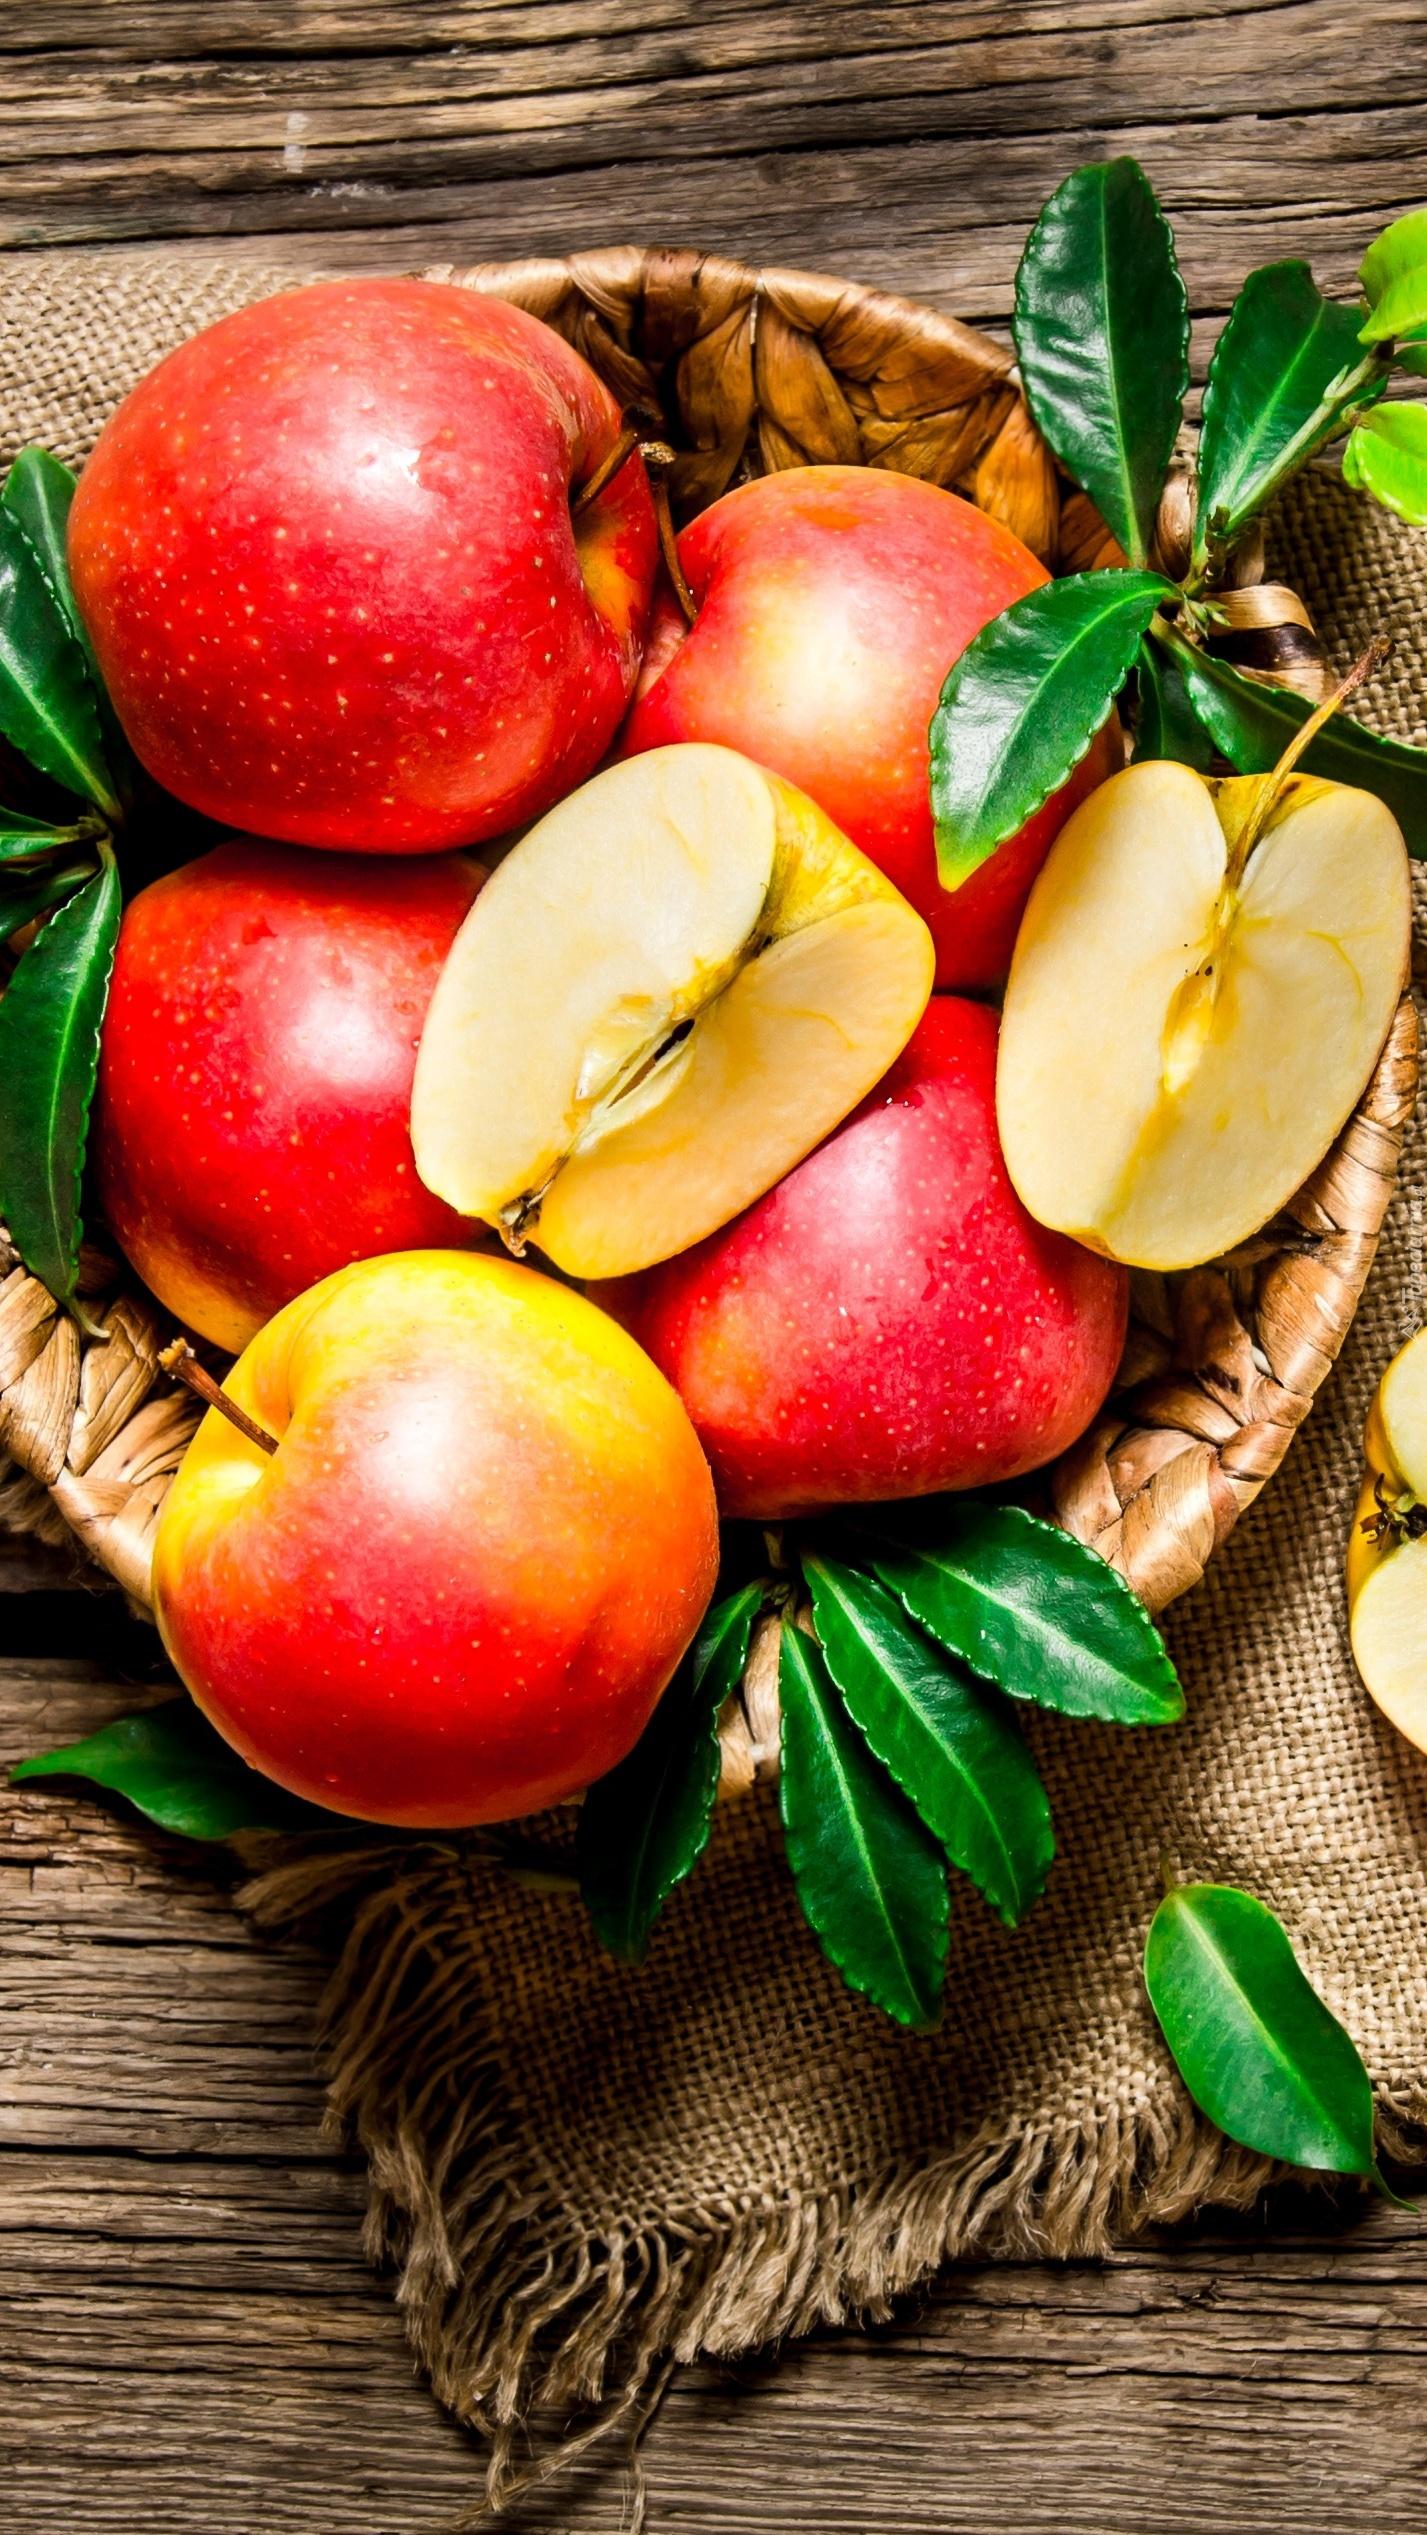 Przyozdobione listkami jabłka w koszyku